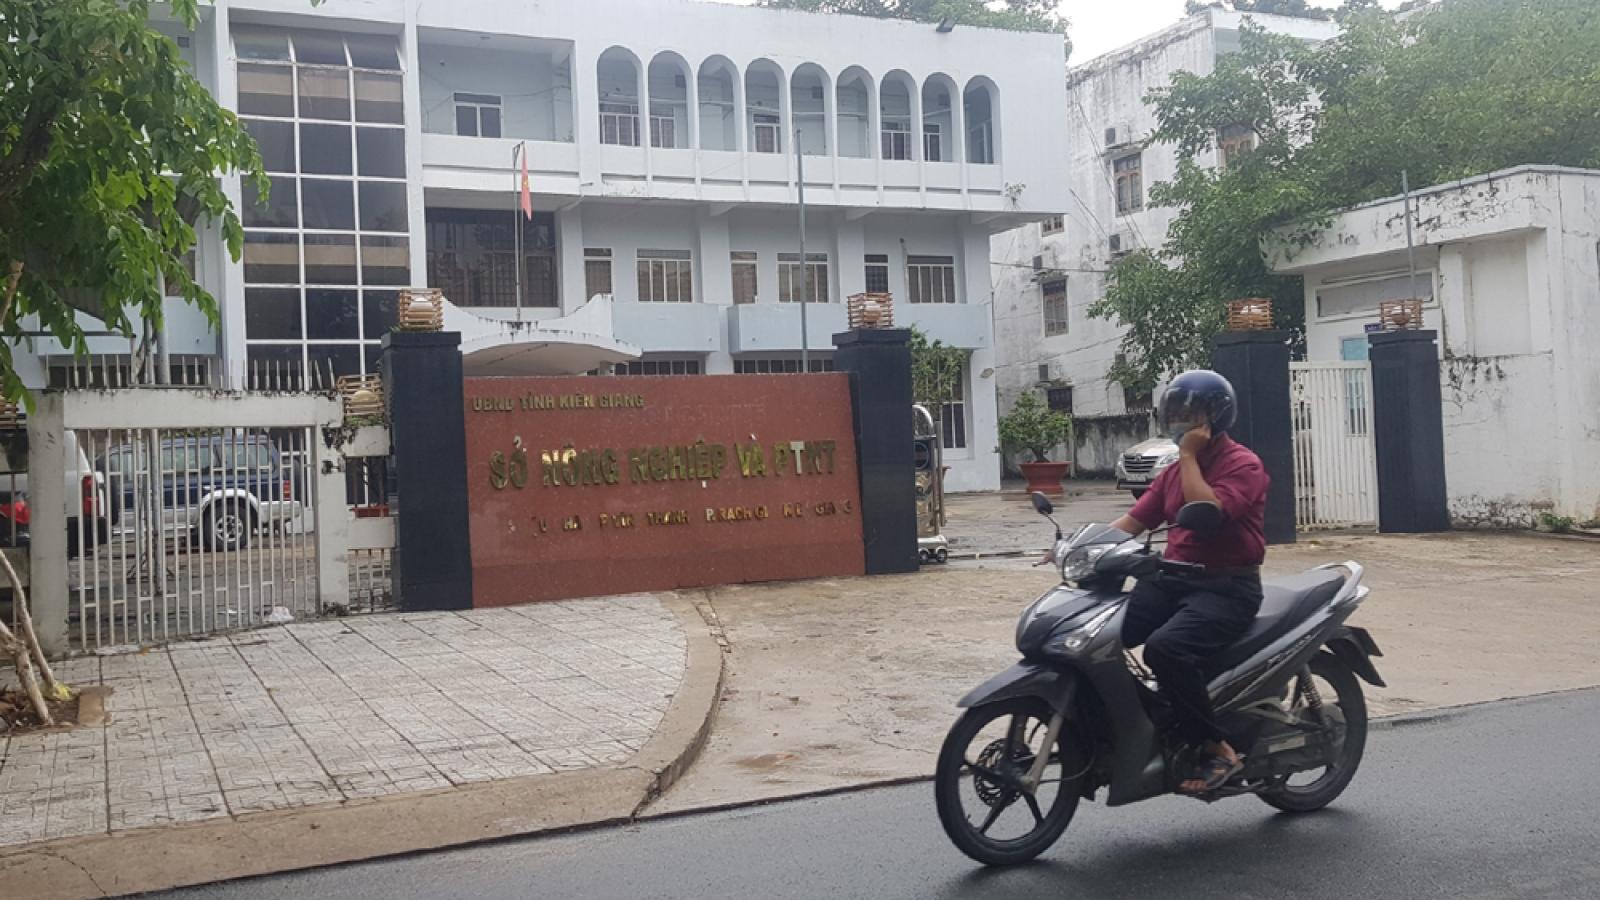 Sai phạm trong đấu thầu, nguyên Phó Chủ tịch tỉnh Kiên Giang bị kỷ luật